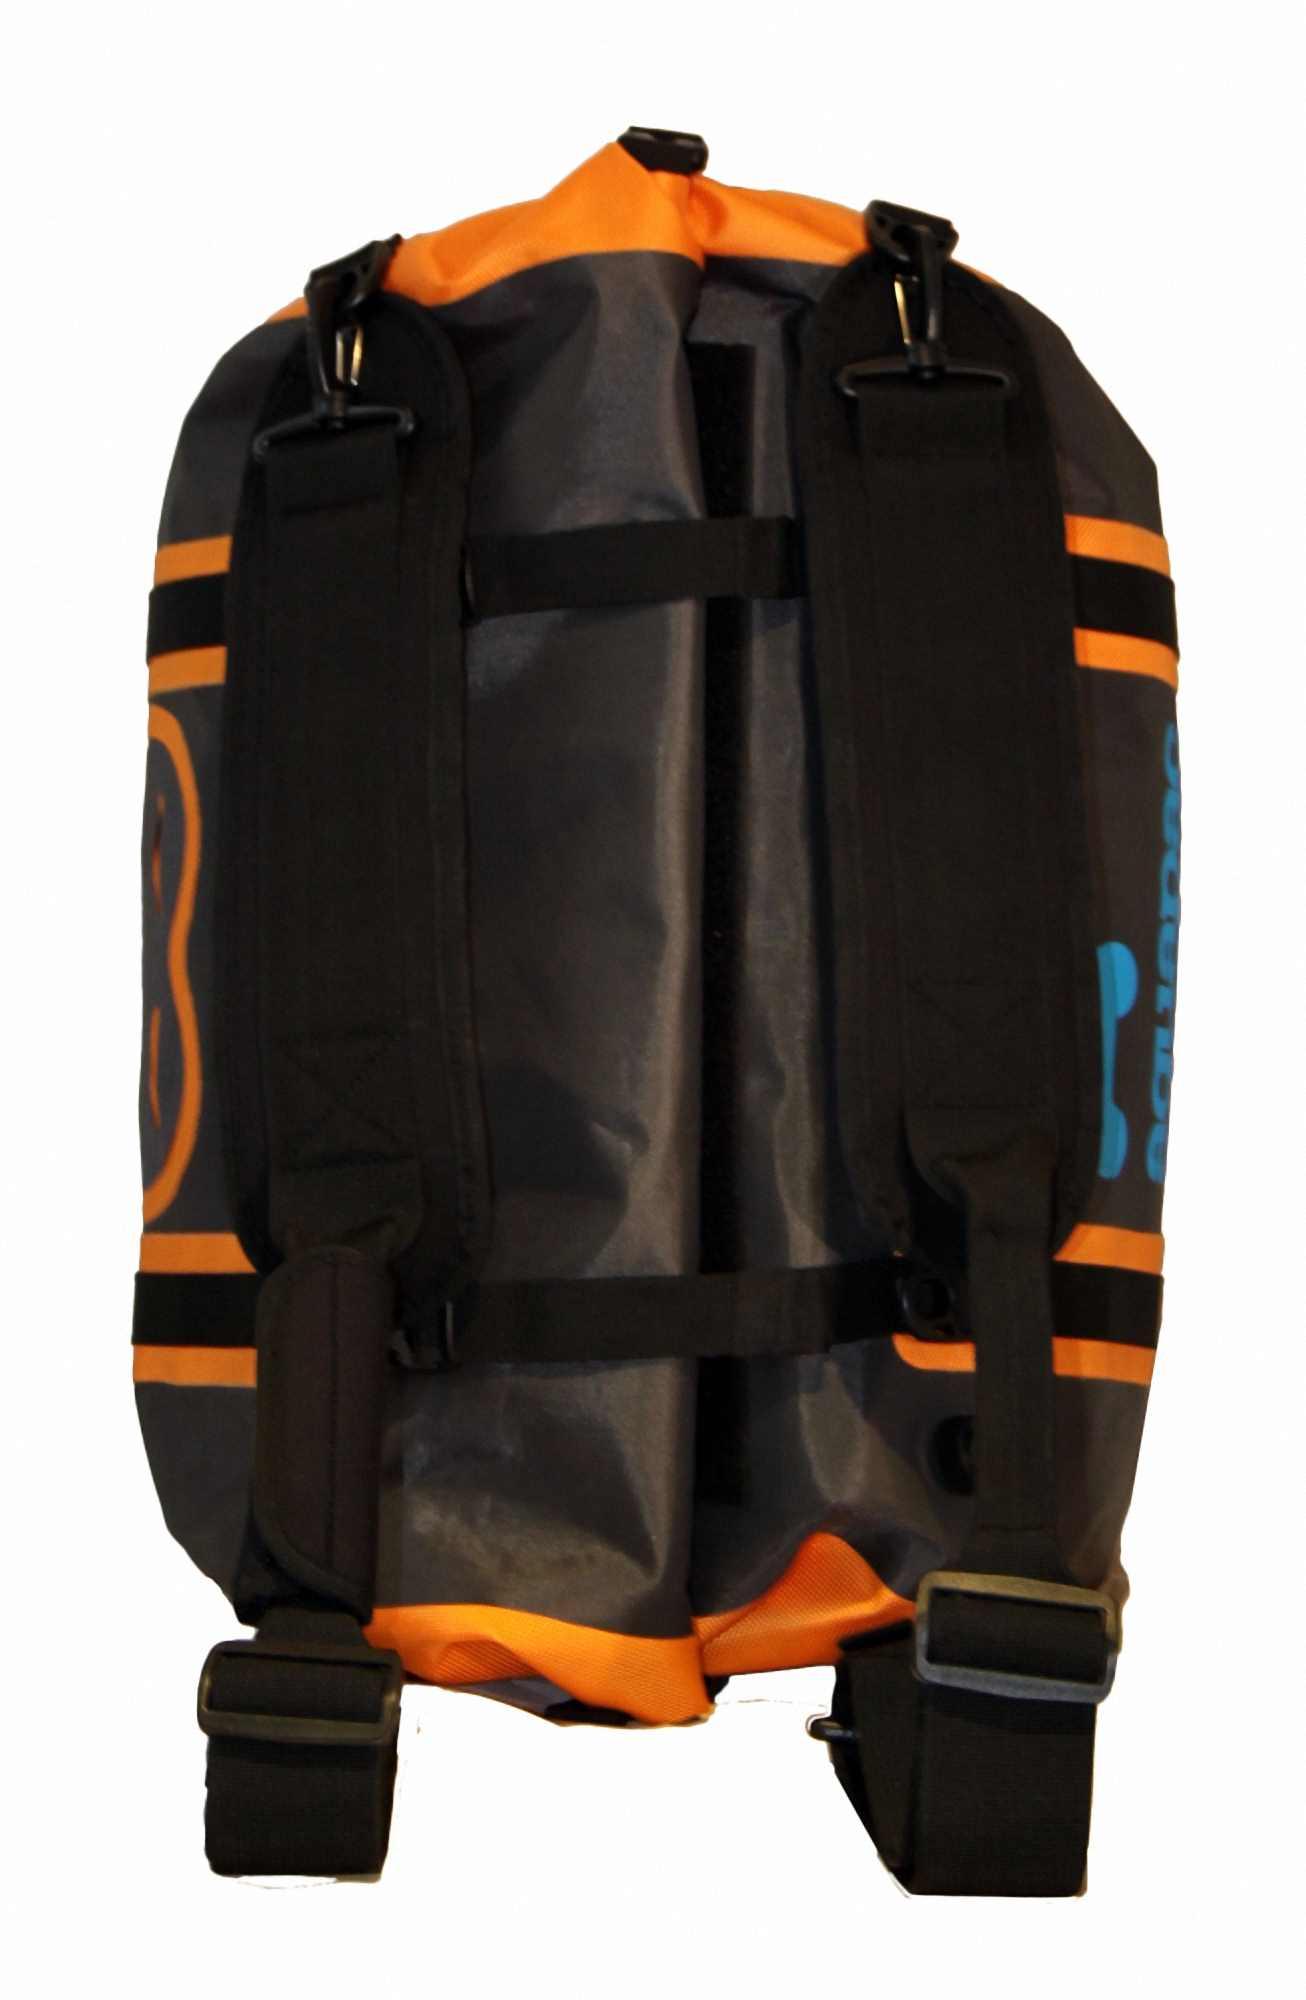 Водонепроницаемая сумка-рюкзак Aquapac 701 - Upano Waterproof Duffel - 40L.. Aquapac - №1 в мире водонепроницаемых чехлов и сумок. Фото 8